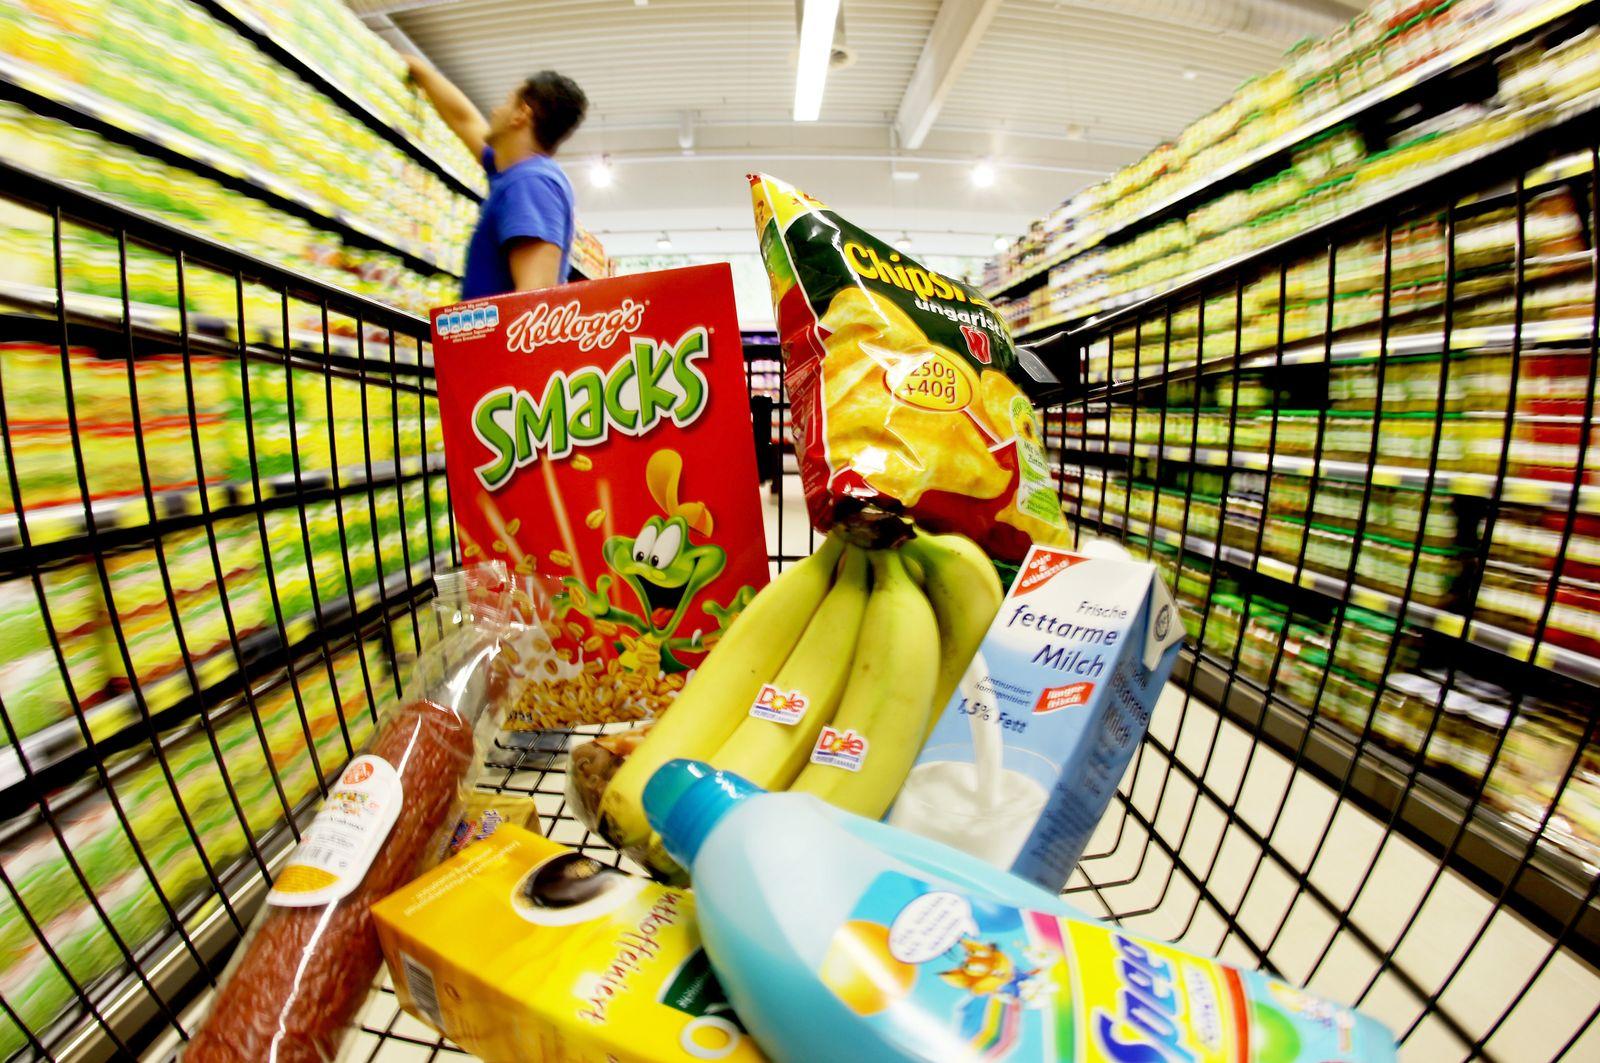 Preis / Lebensmittel / Inflation / Preise